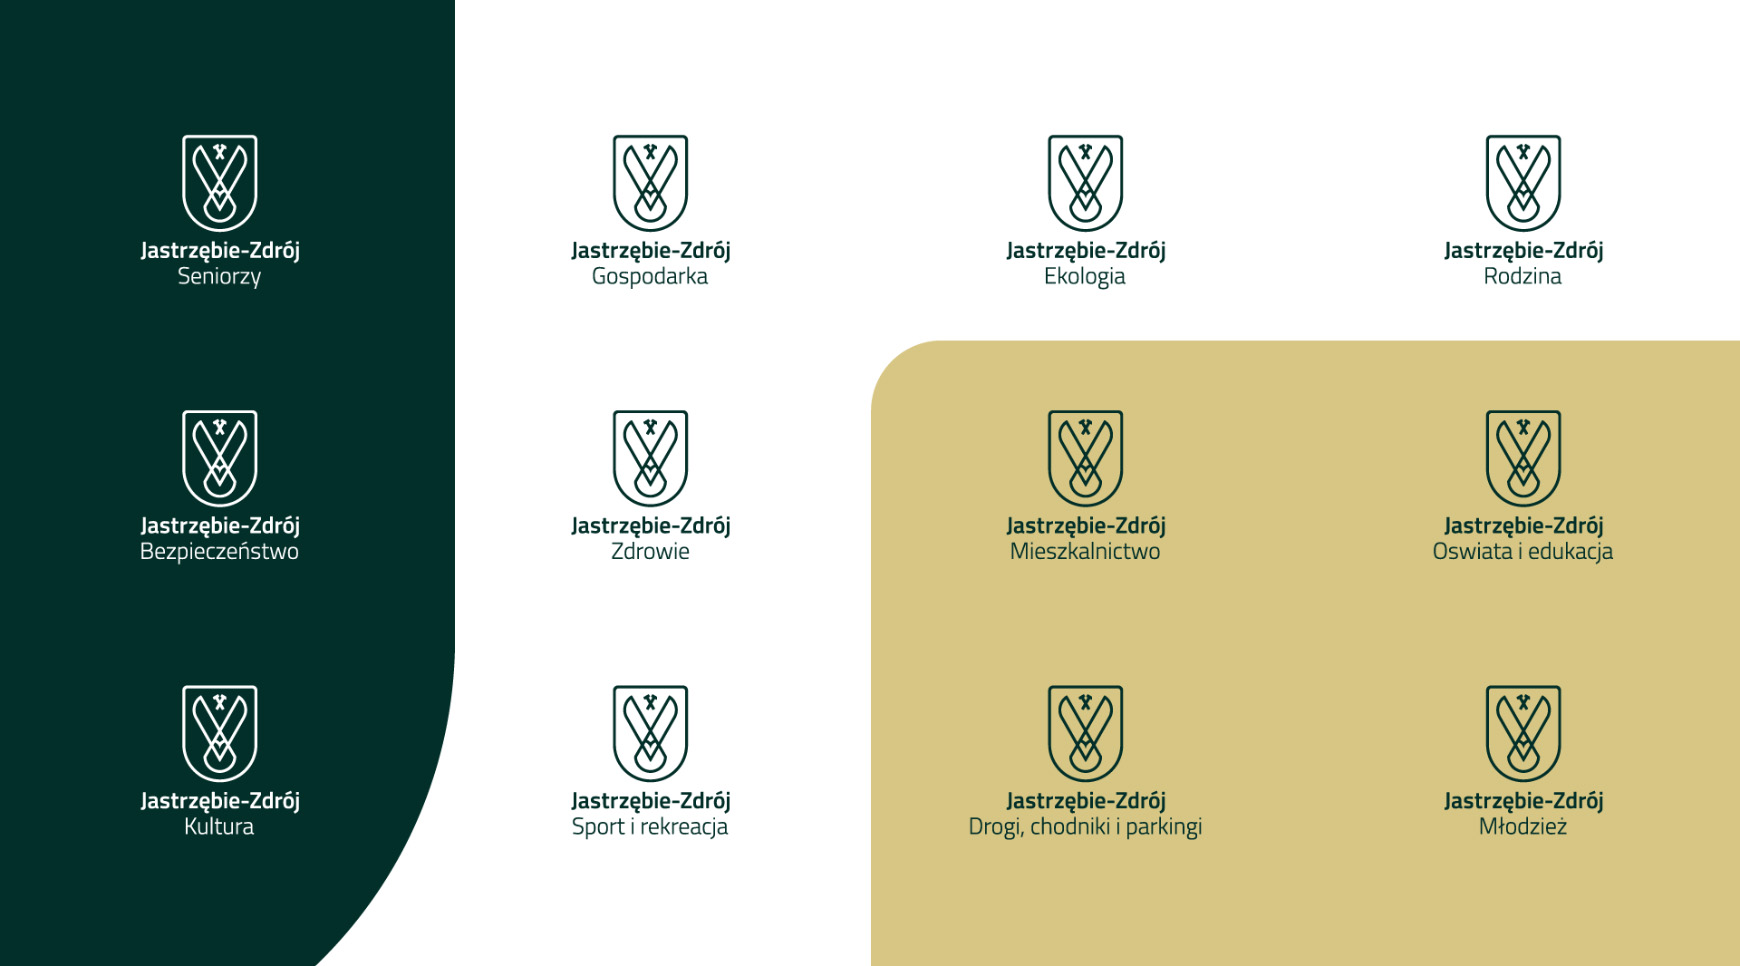 Warianty nowego logo Jastrzębia-Zdroju - jednostki miejskie